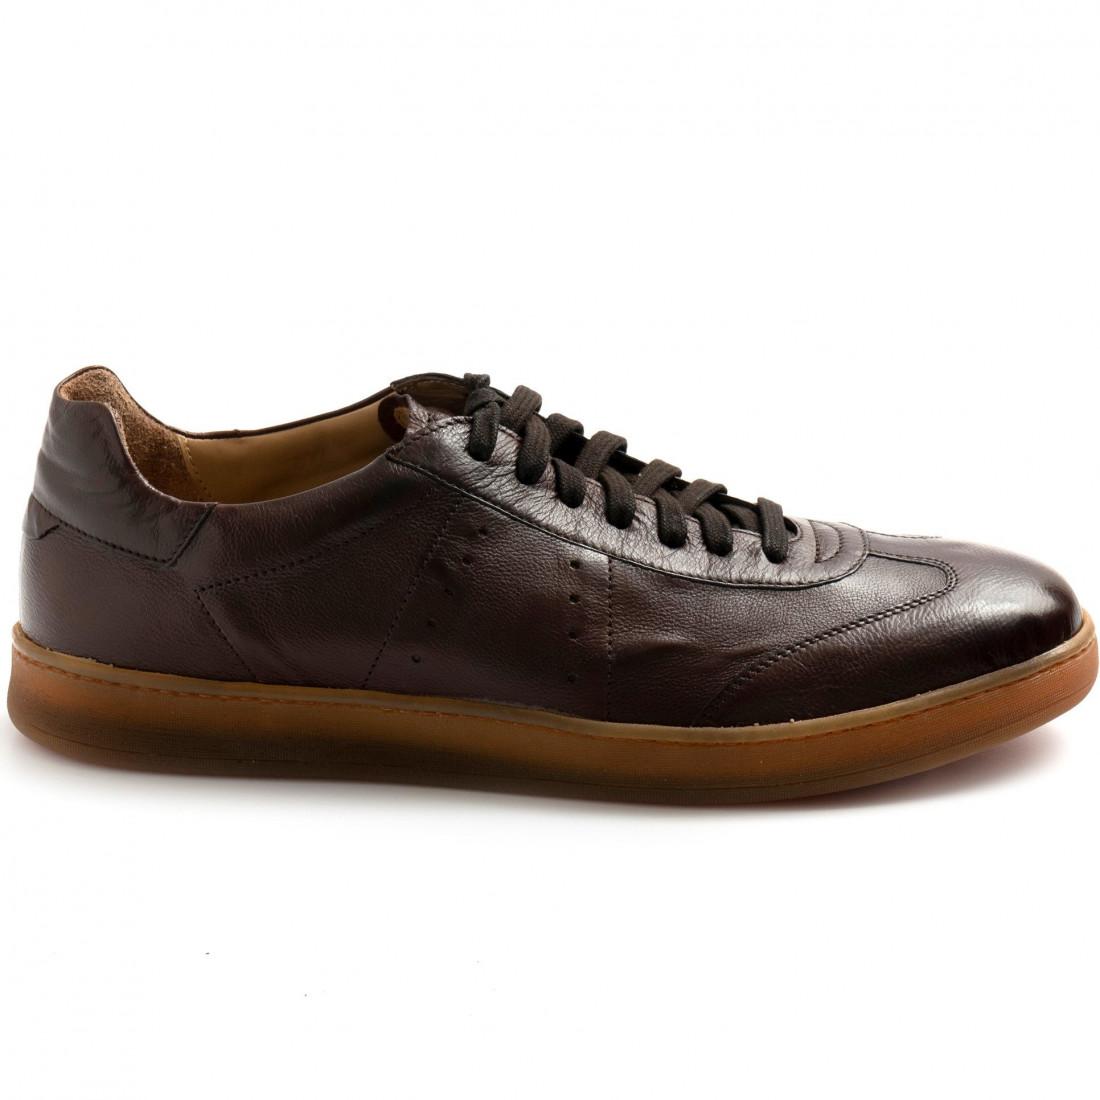 sneakers uomo rossano bisconti 463 02frida ebano 8388